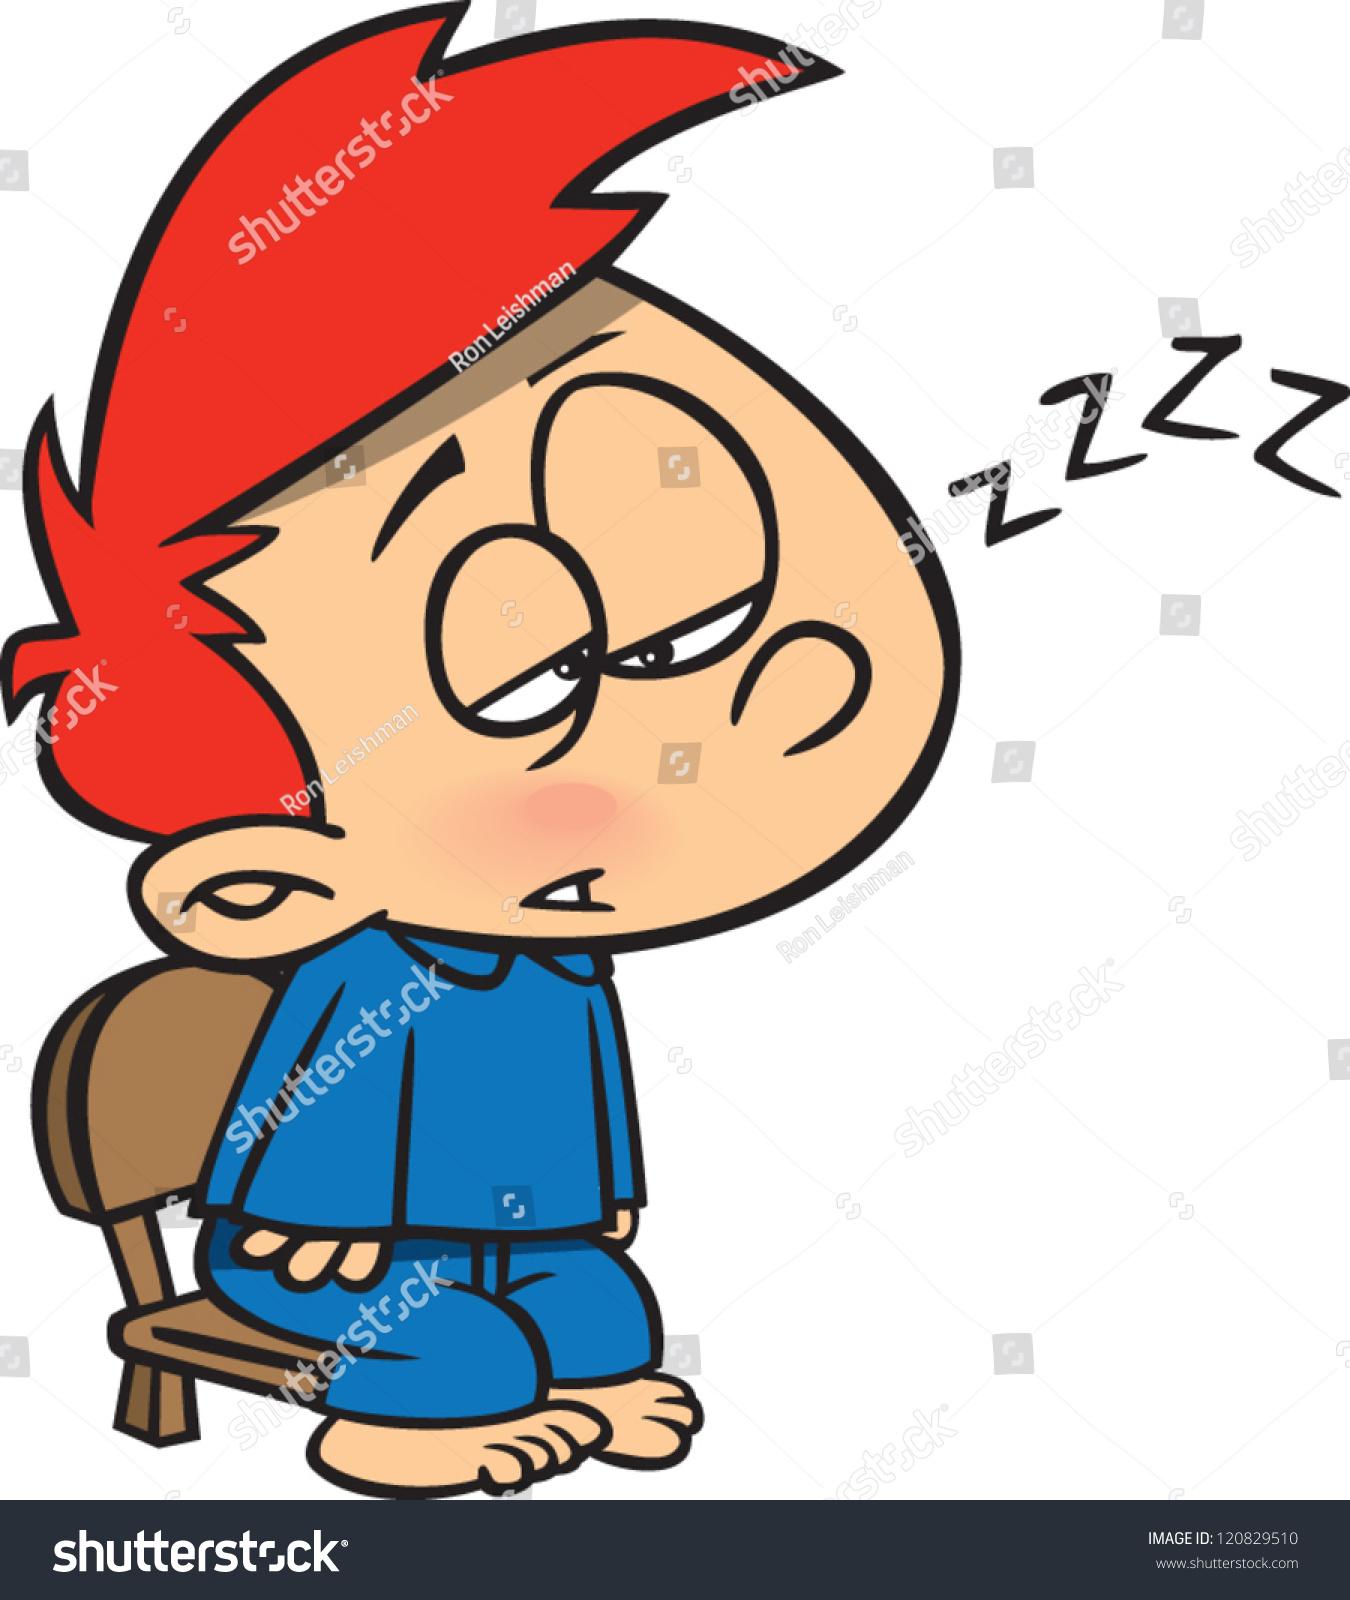 sleepy cartoon boy trying stay awake stock vector  sleepy cartoon boy trying to stay awake waiting for santa